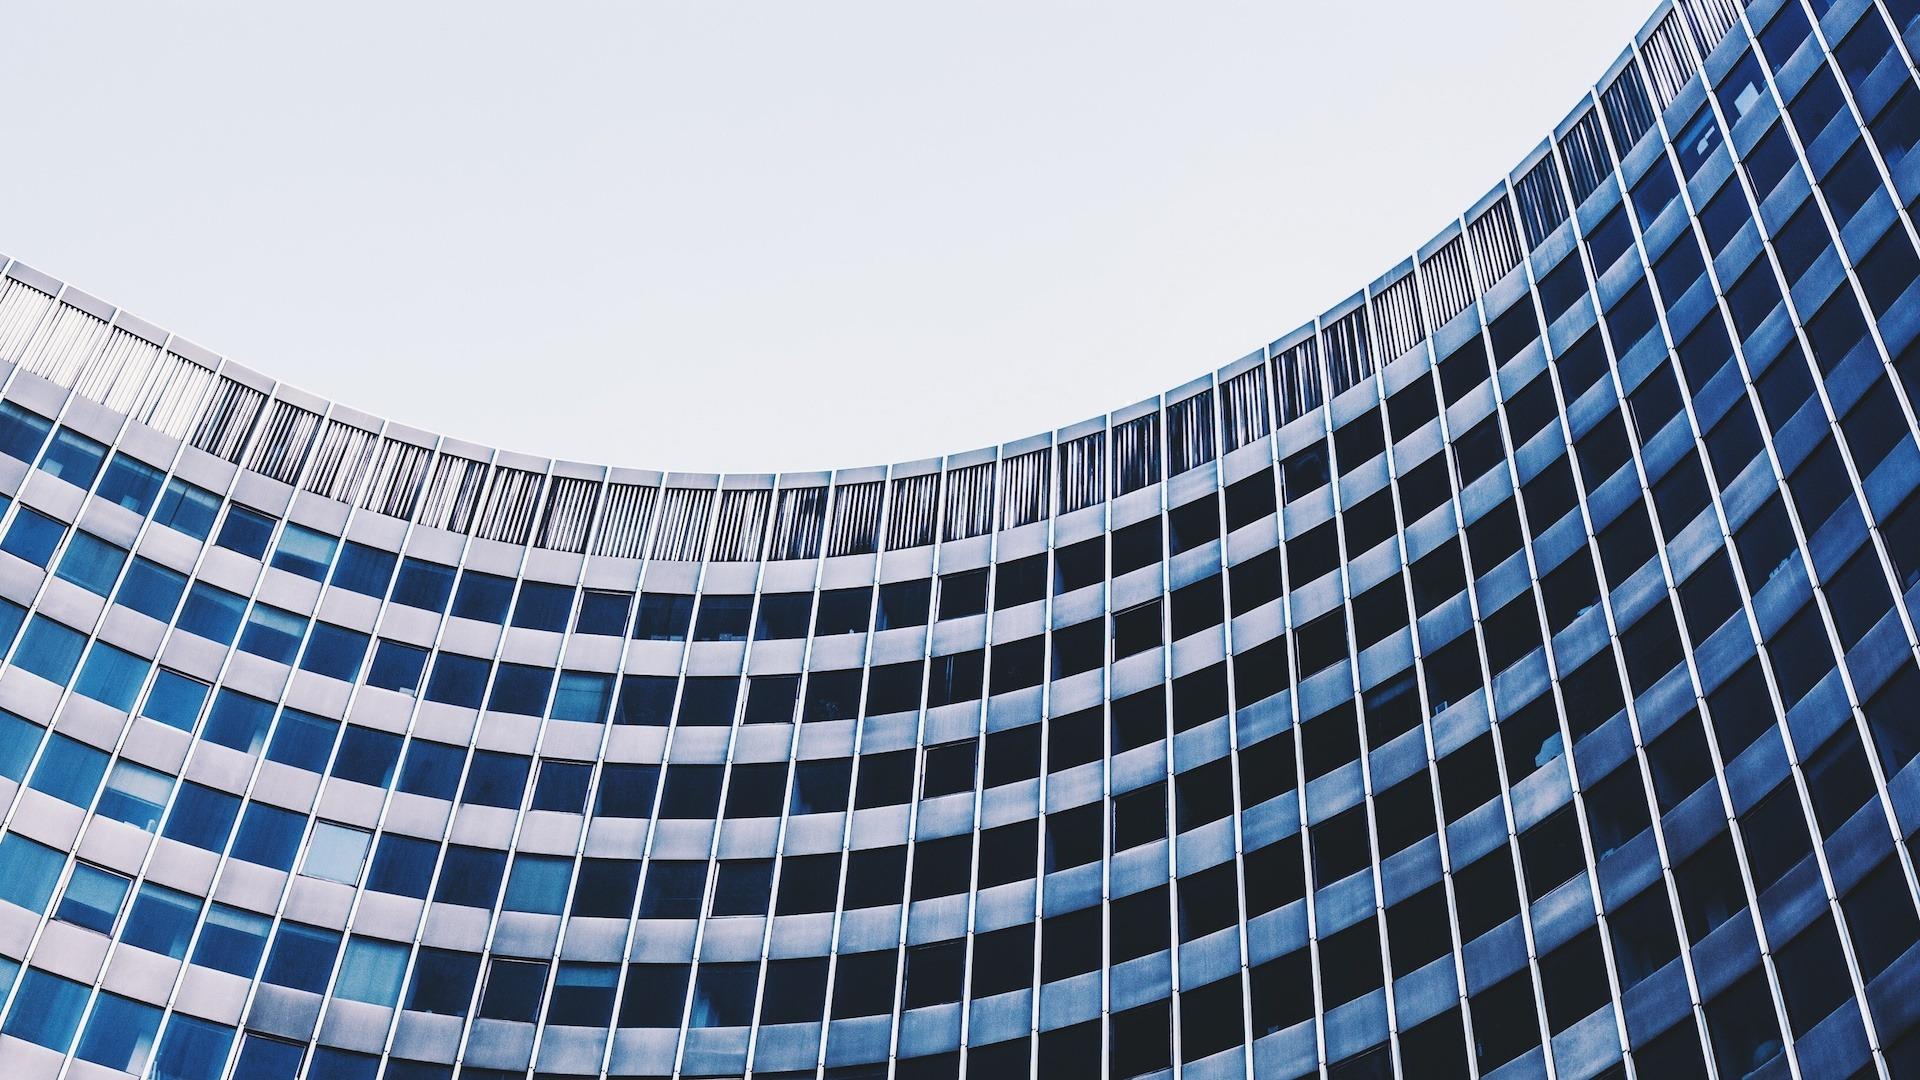 Brussels Building content marketing case studies EU